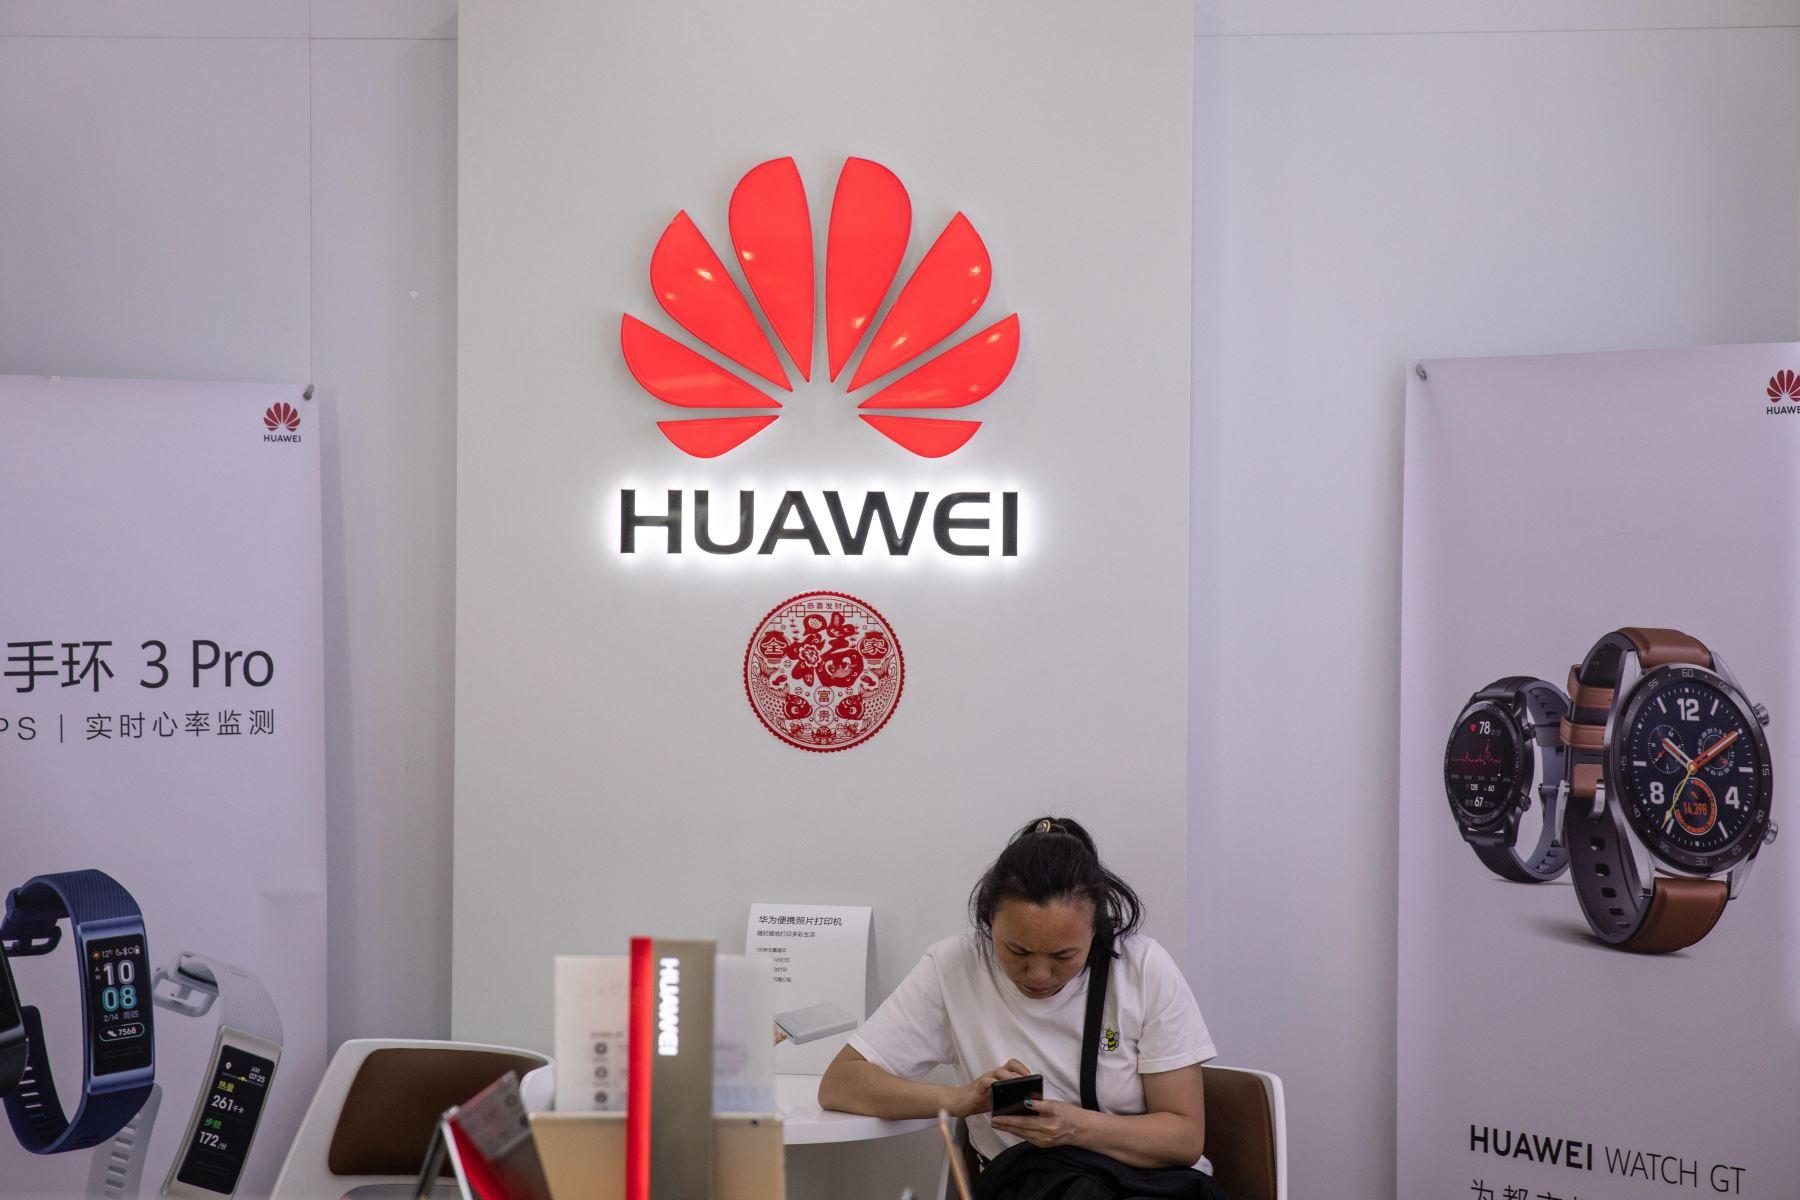 Una mujer usa un teléfono móvil en una tienda de Huawei, este lunes en Pekín (China). El veto de Google y otras tecnológicas estadounidenses a Huawei podría frustrar la aspiración del fabricante chino de convertirse en breve en el mayor fabricante de móviles del mundo. Foto: EFE